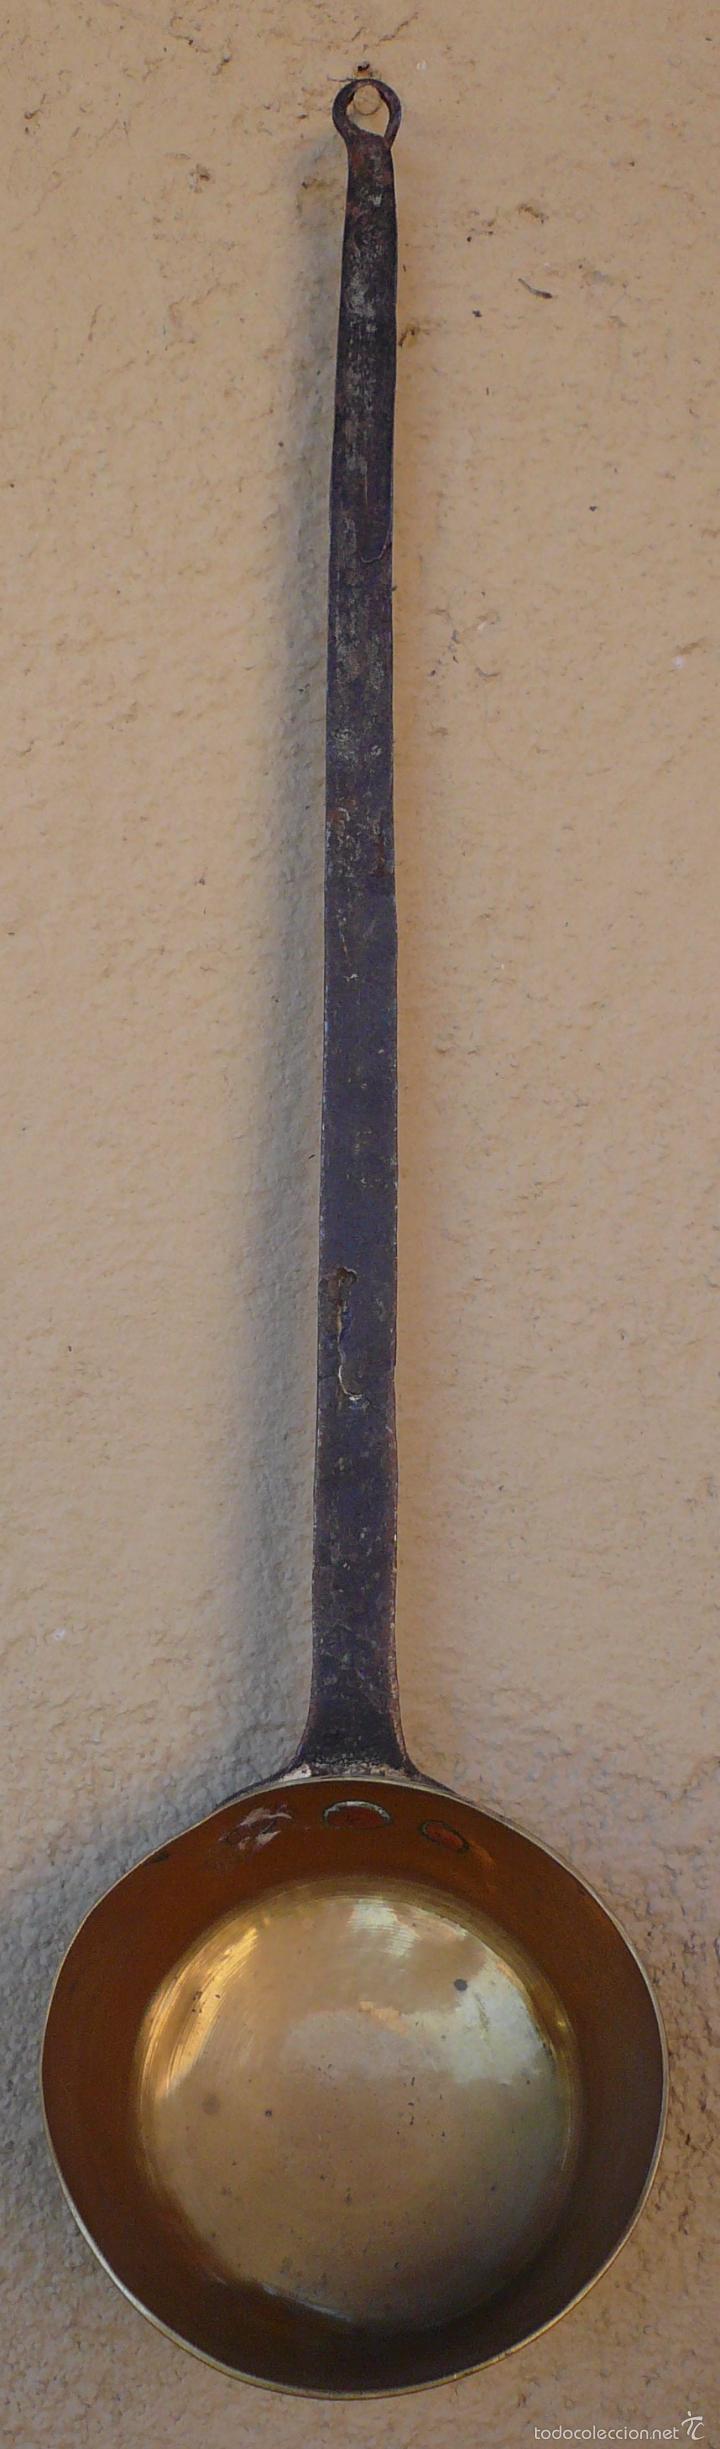 Antigüedades: CAZO DE COBRE CON MANGO FORJADO EN HIERRO. LARGO 48,5 CMS DIAM 11,5 CMS PROFUND 5 CMS - Foto 2 - 55691110